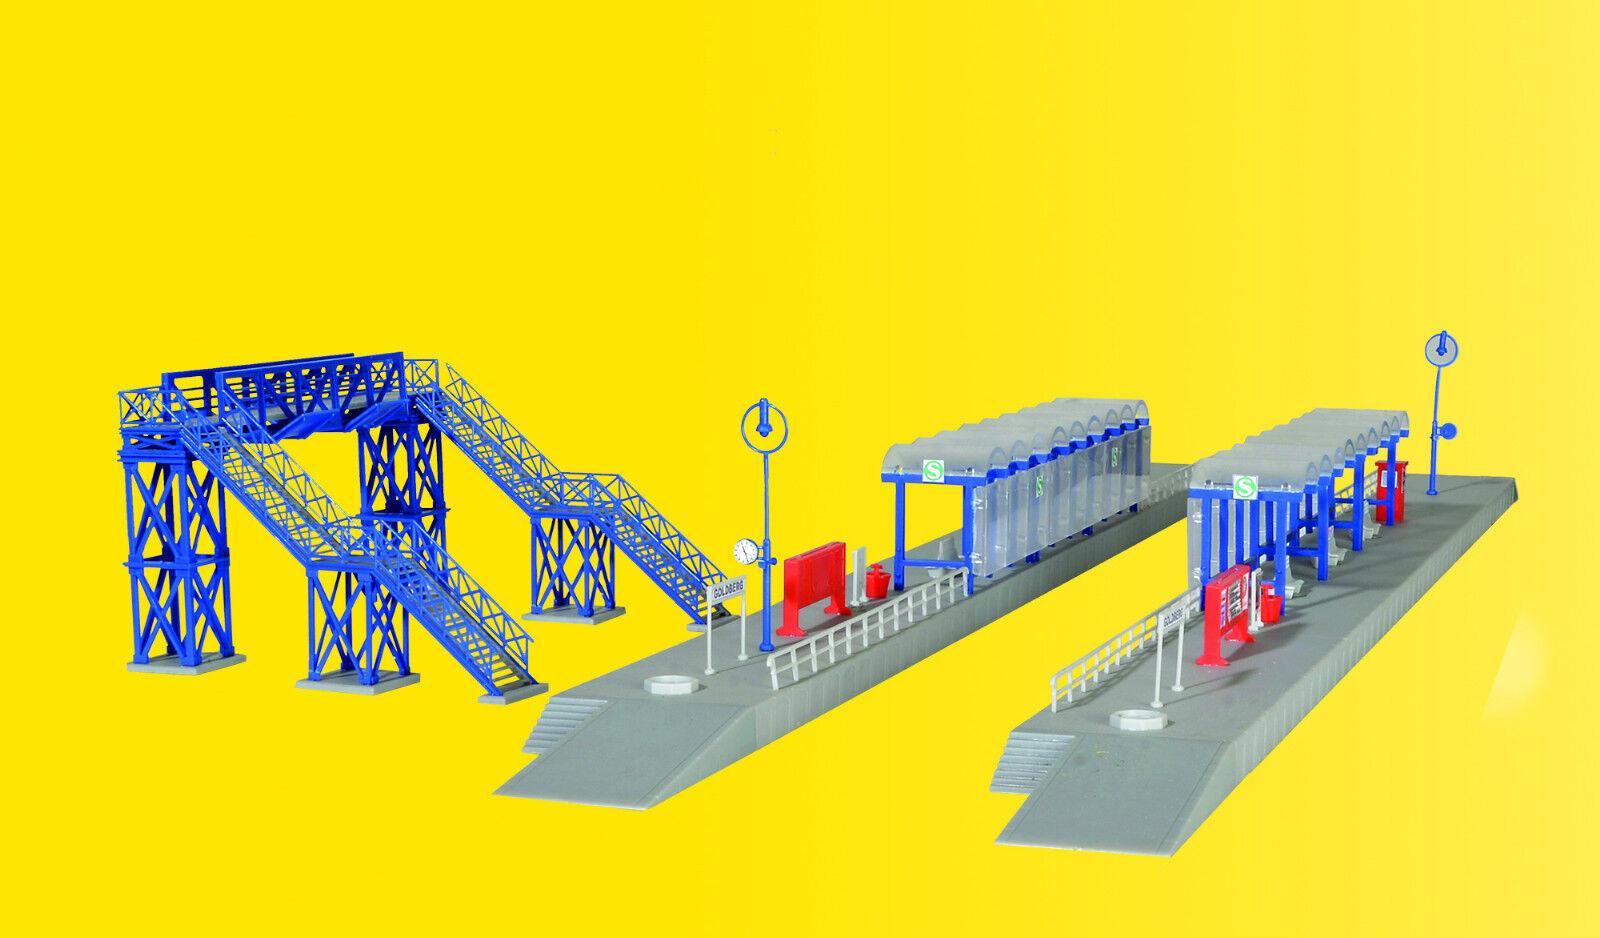 N S-Bahn parada con transitorio, pasarela modelo mundos kit 1 160, 37756 Kibri